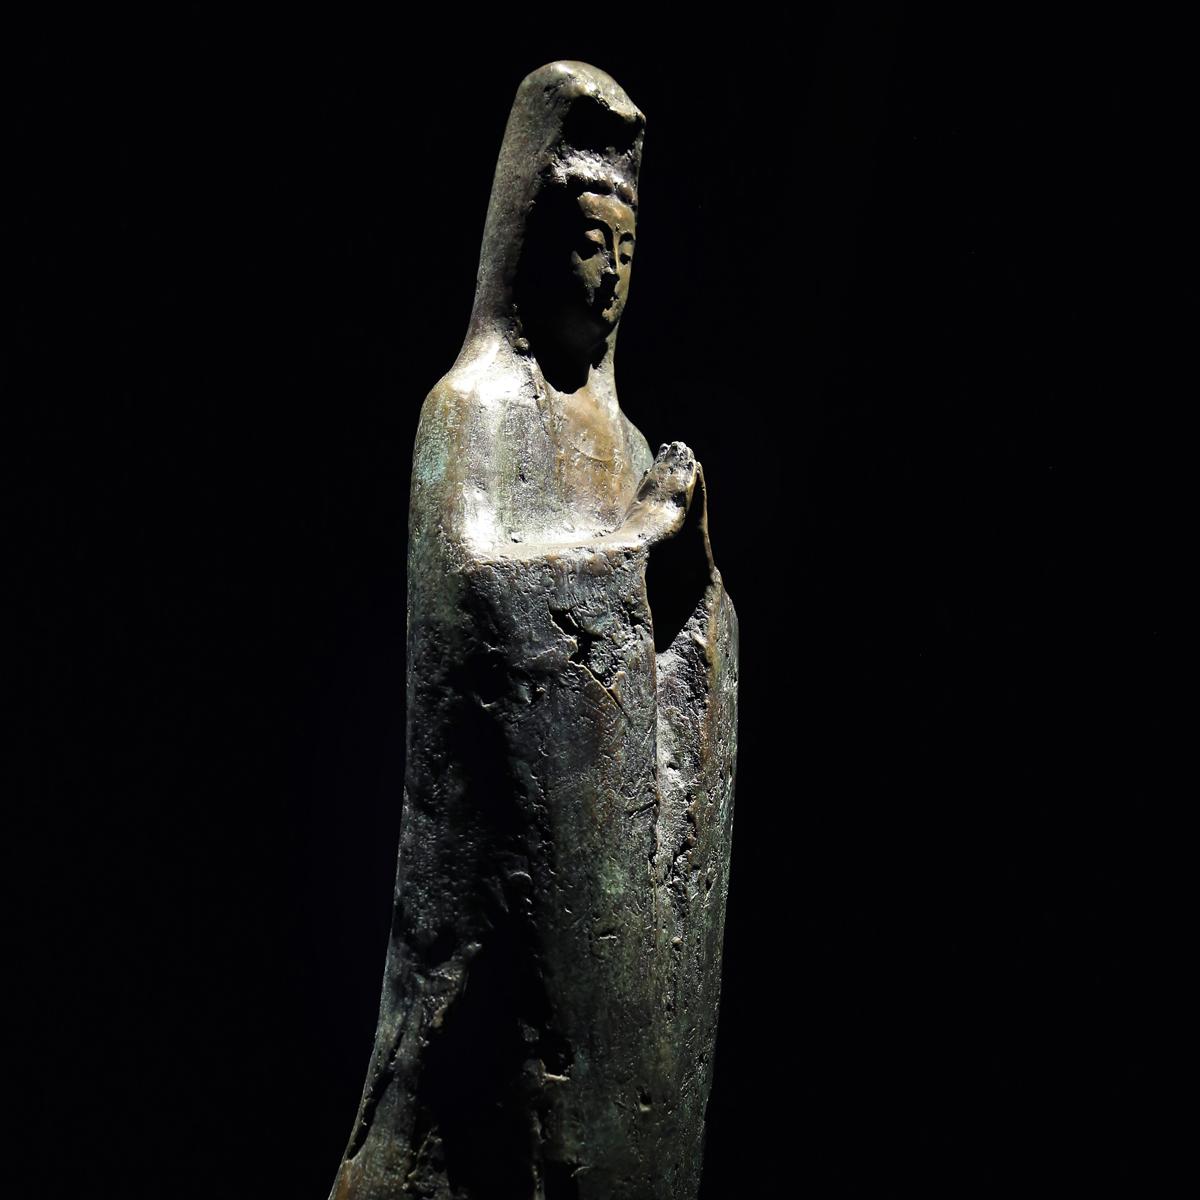 """一件能帶入感情的 藝術 作品 將成為生活的一部份。唯有累積在日常生活中的經驗和智慧,方是真正的""""美"""",真正的""""真""""。遠古以來人們信仰各種神祇,如: 觀音 、 達摩 、 佛像 、 關公 ...,信仰是人們精神寄託的重要方向。 陳紹寬 老師 的 銅雕 作品 將心中的感動,形象雕塑堆砌而成,引領我們審視過去與勾勒未來。"""